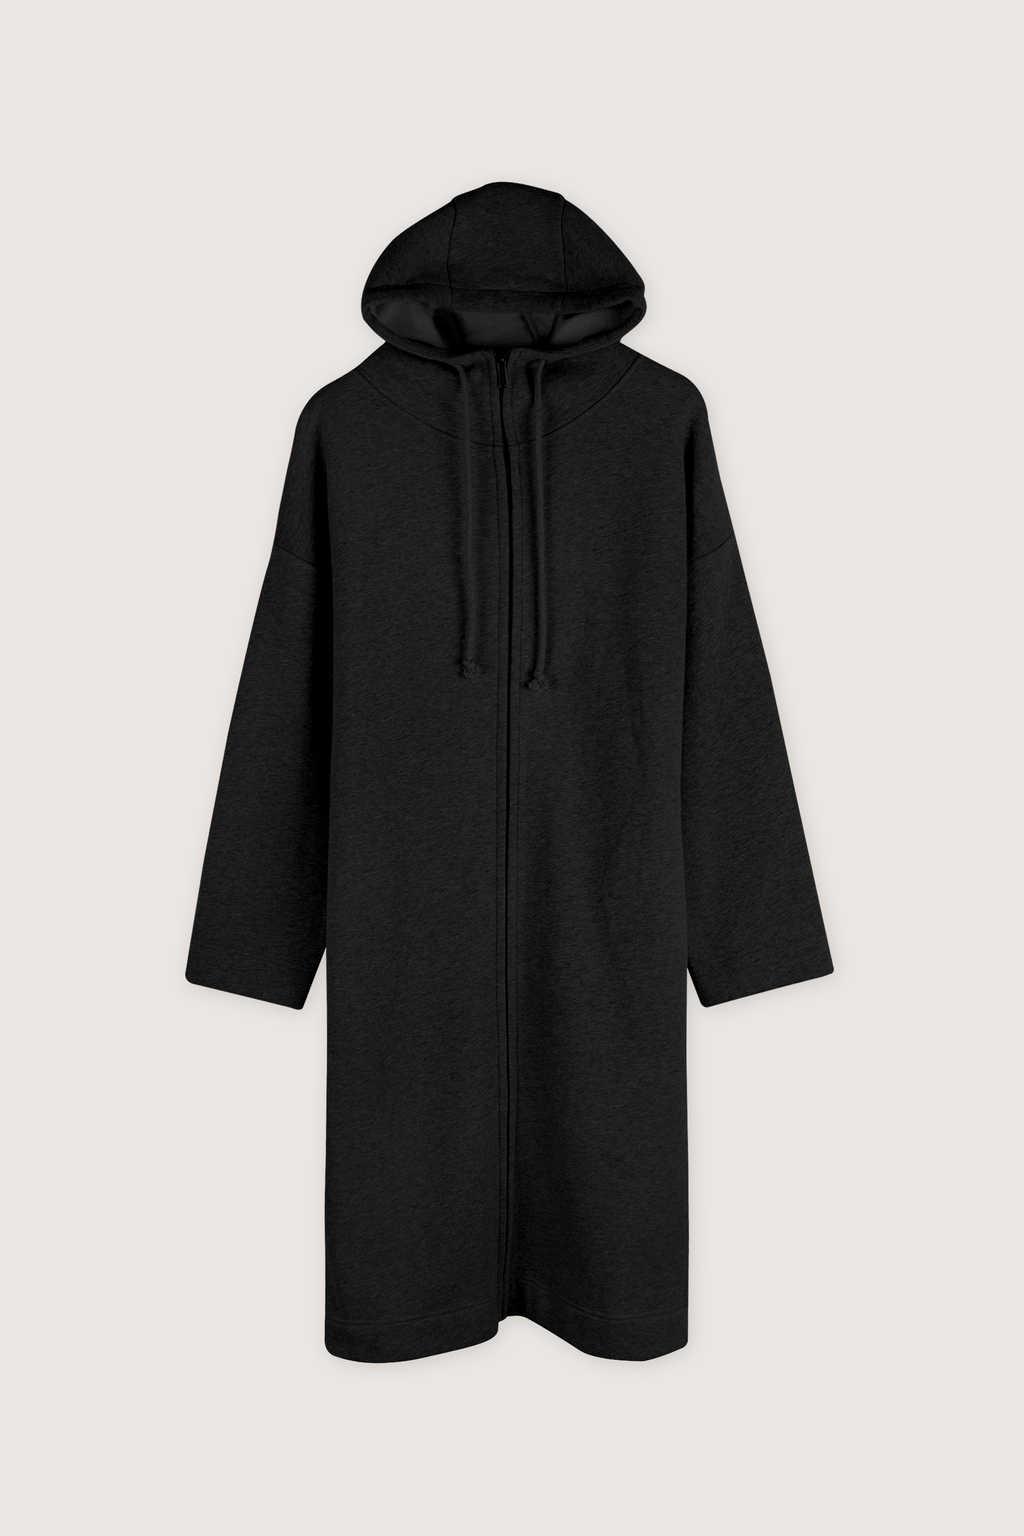 Hoodie Dress 1659 Black 12